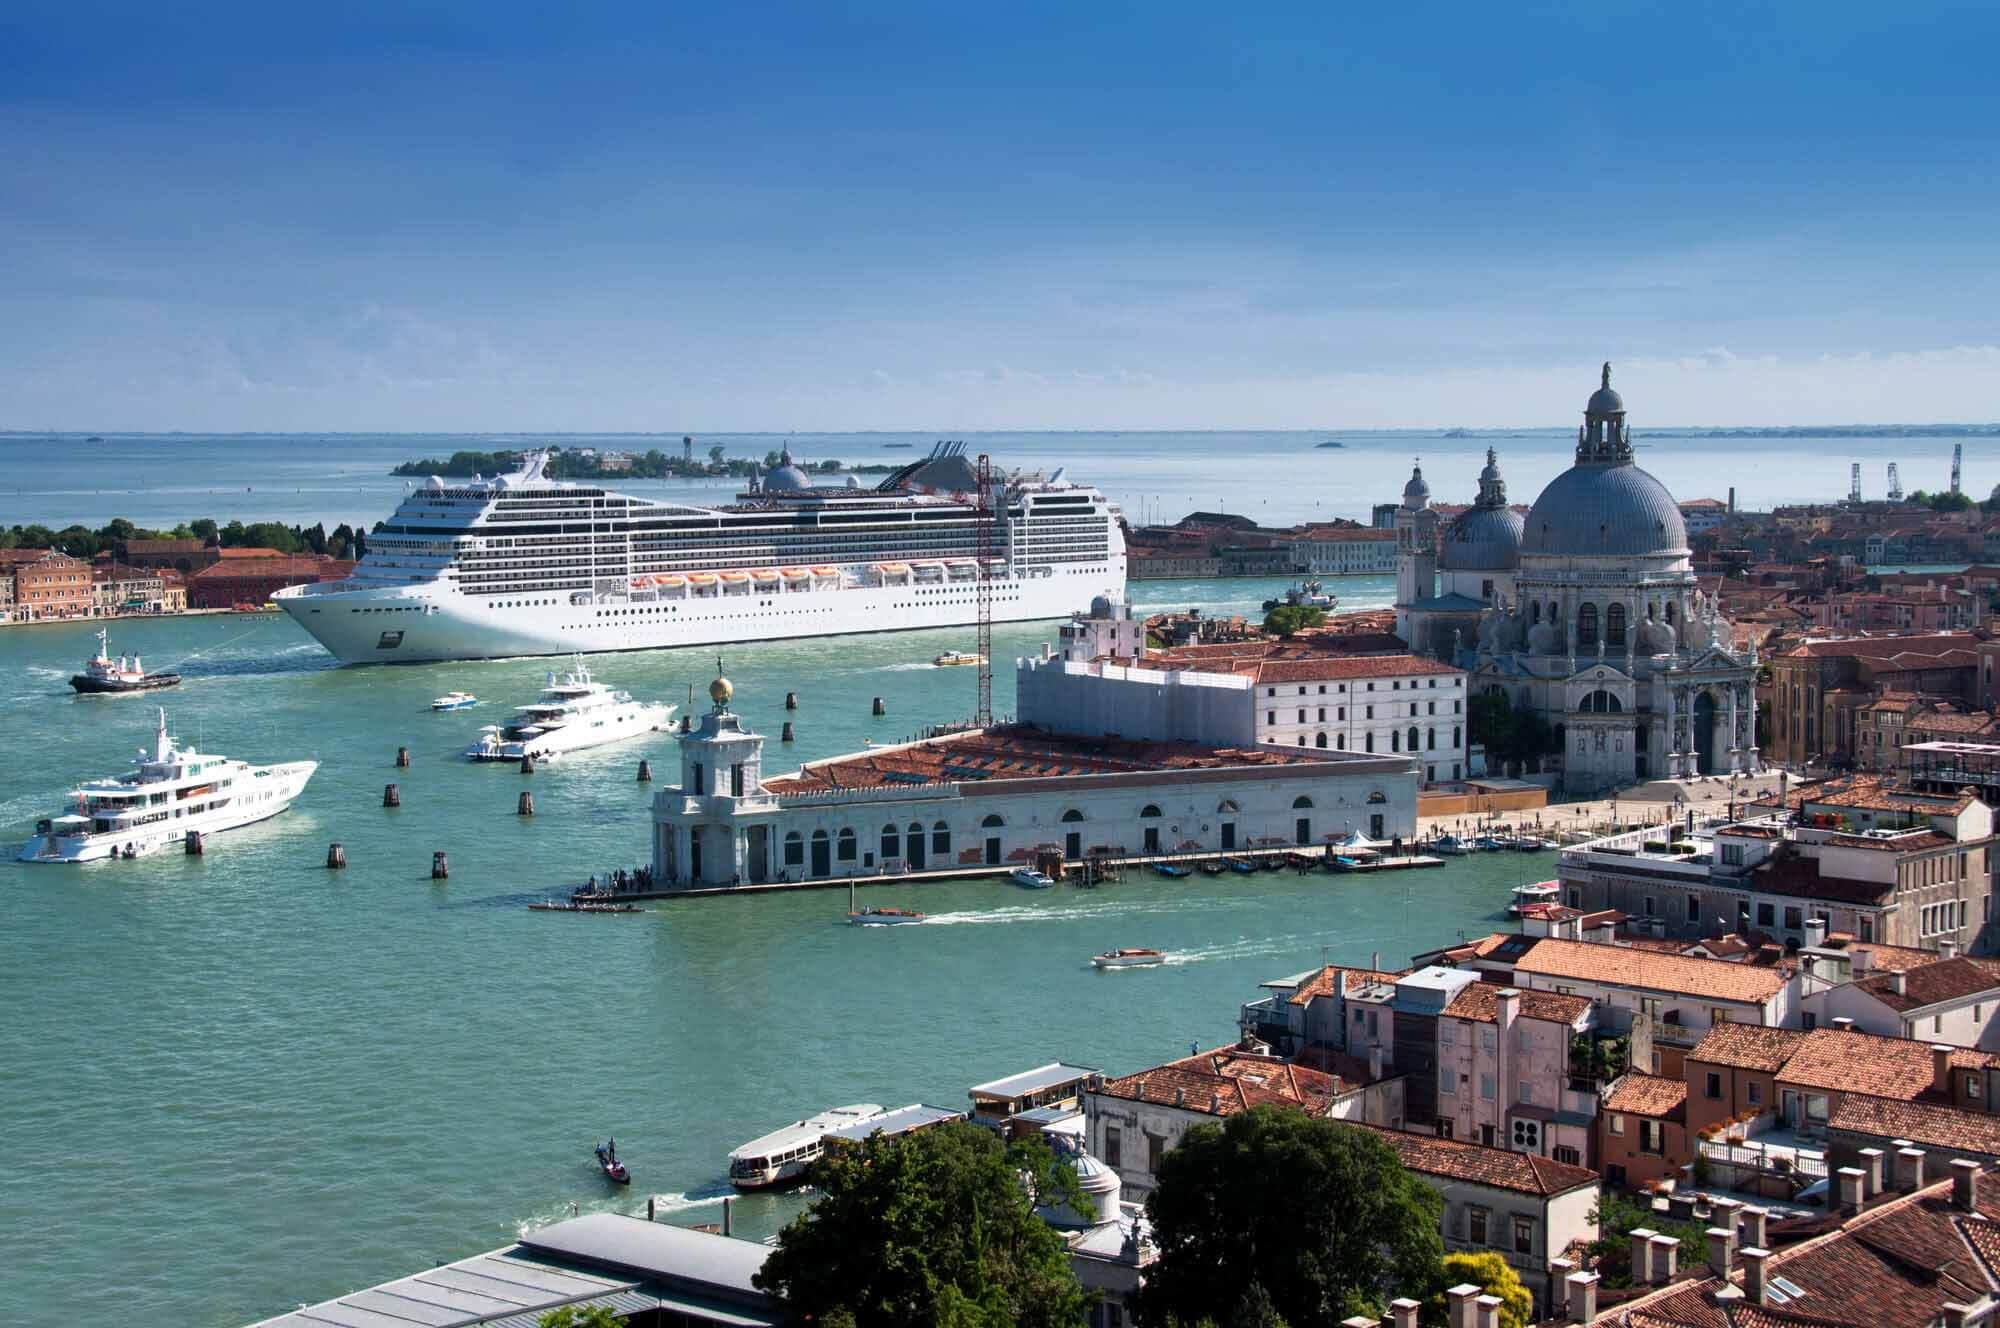 Правительство Италии официально запретило круизные лайнеры в Венеции